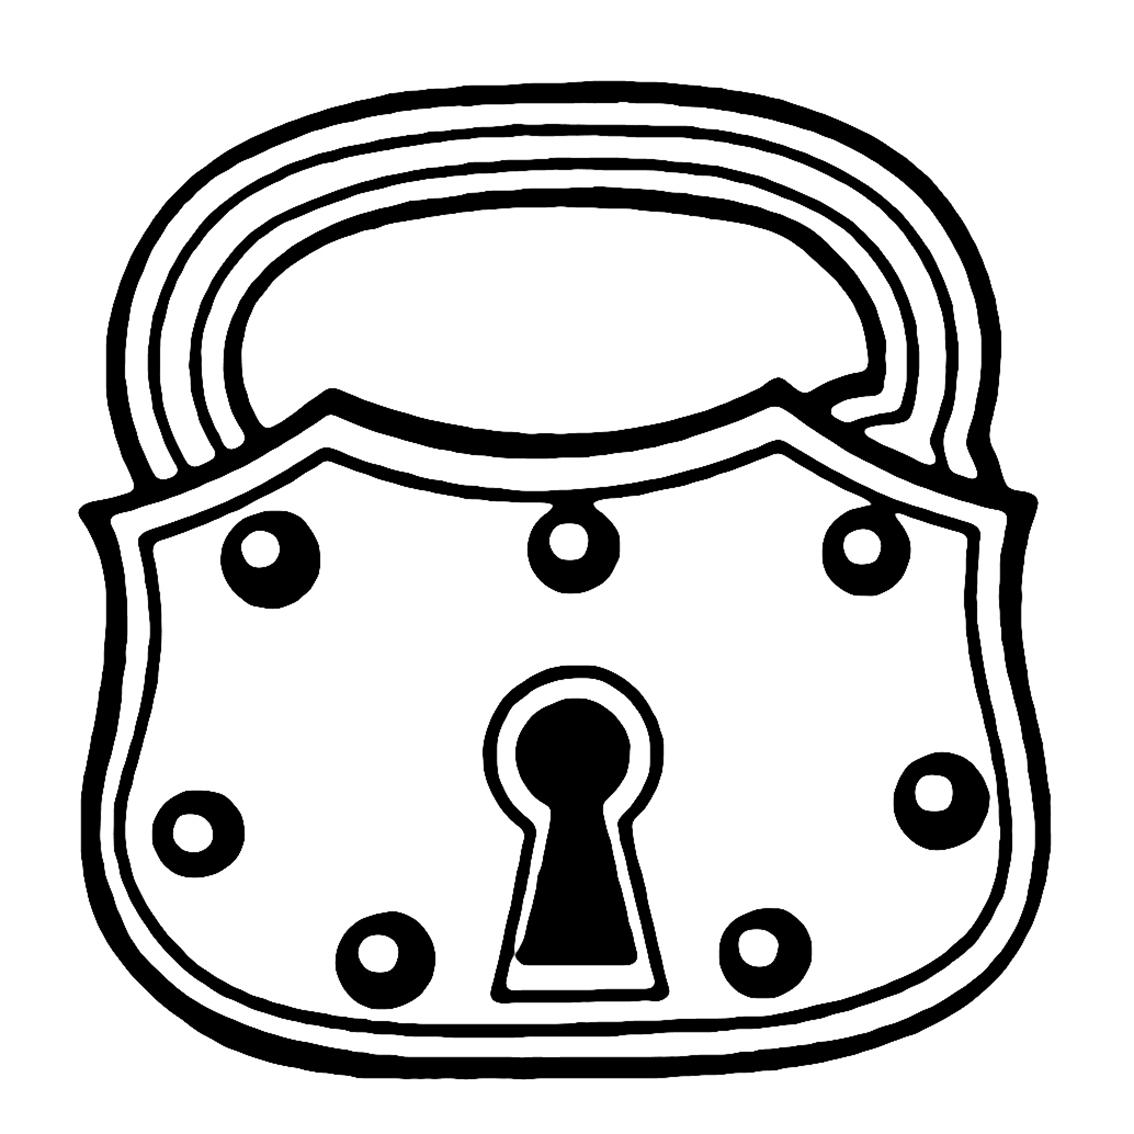 Lock Vintage Image